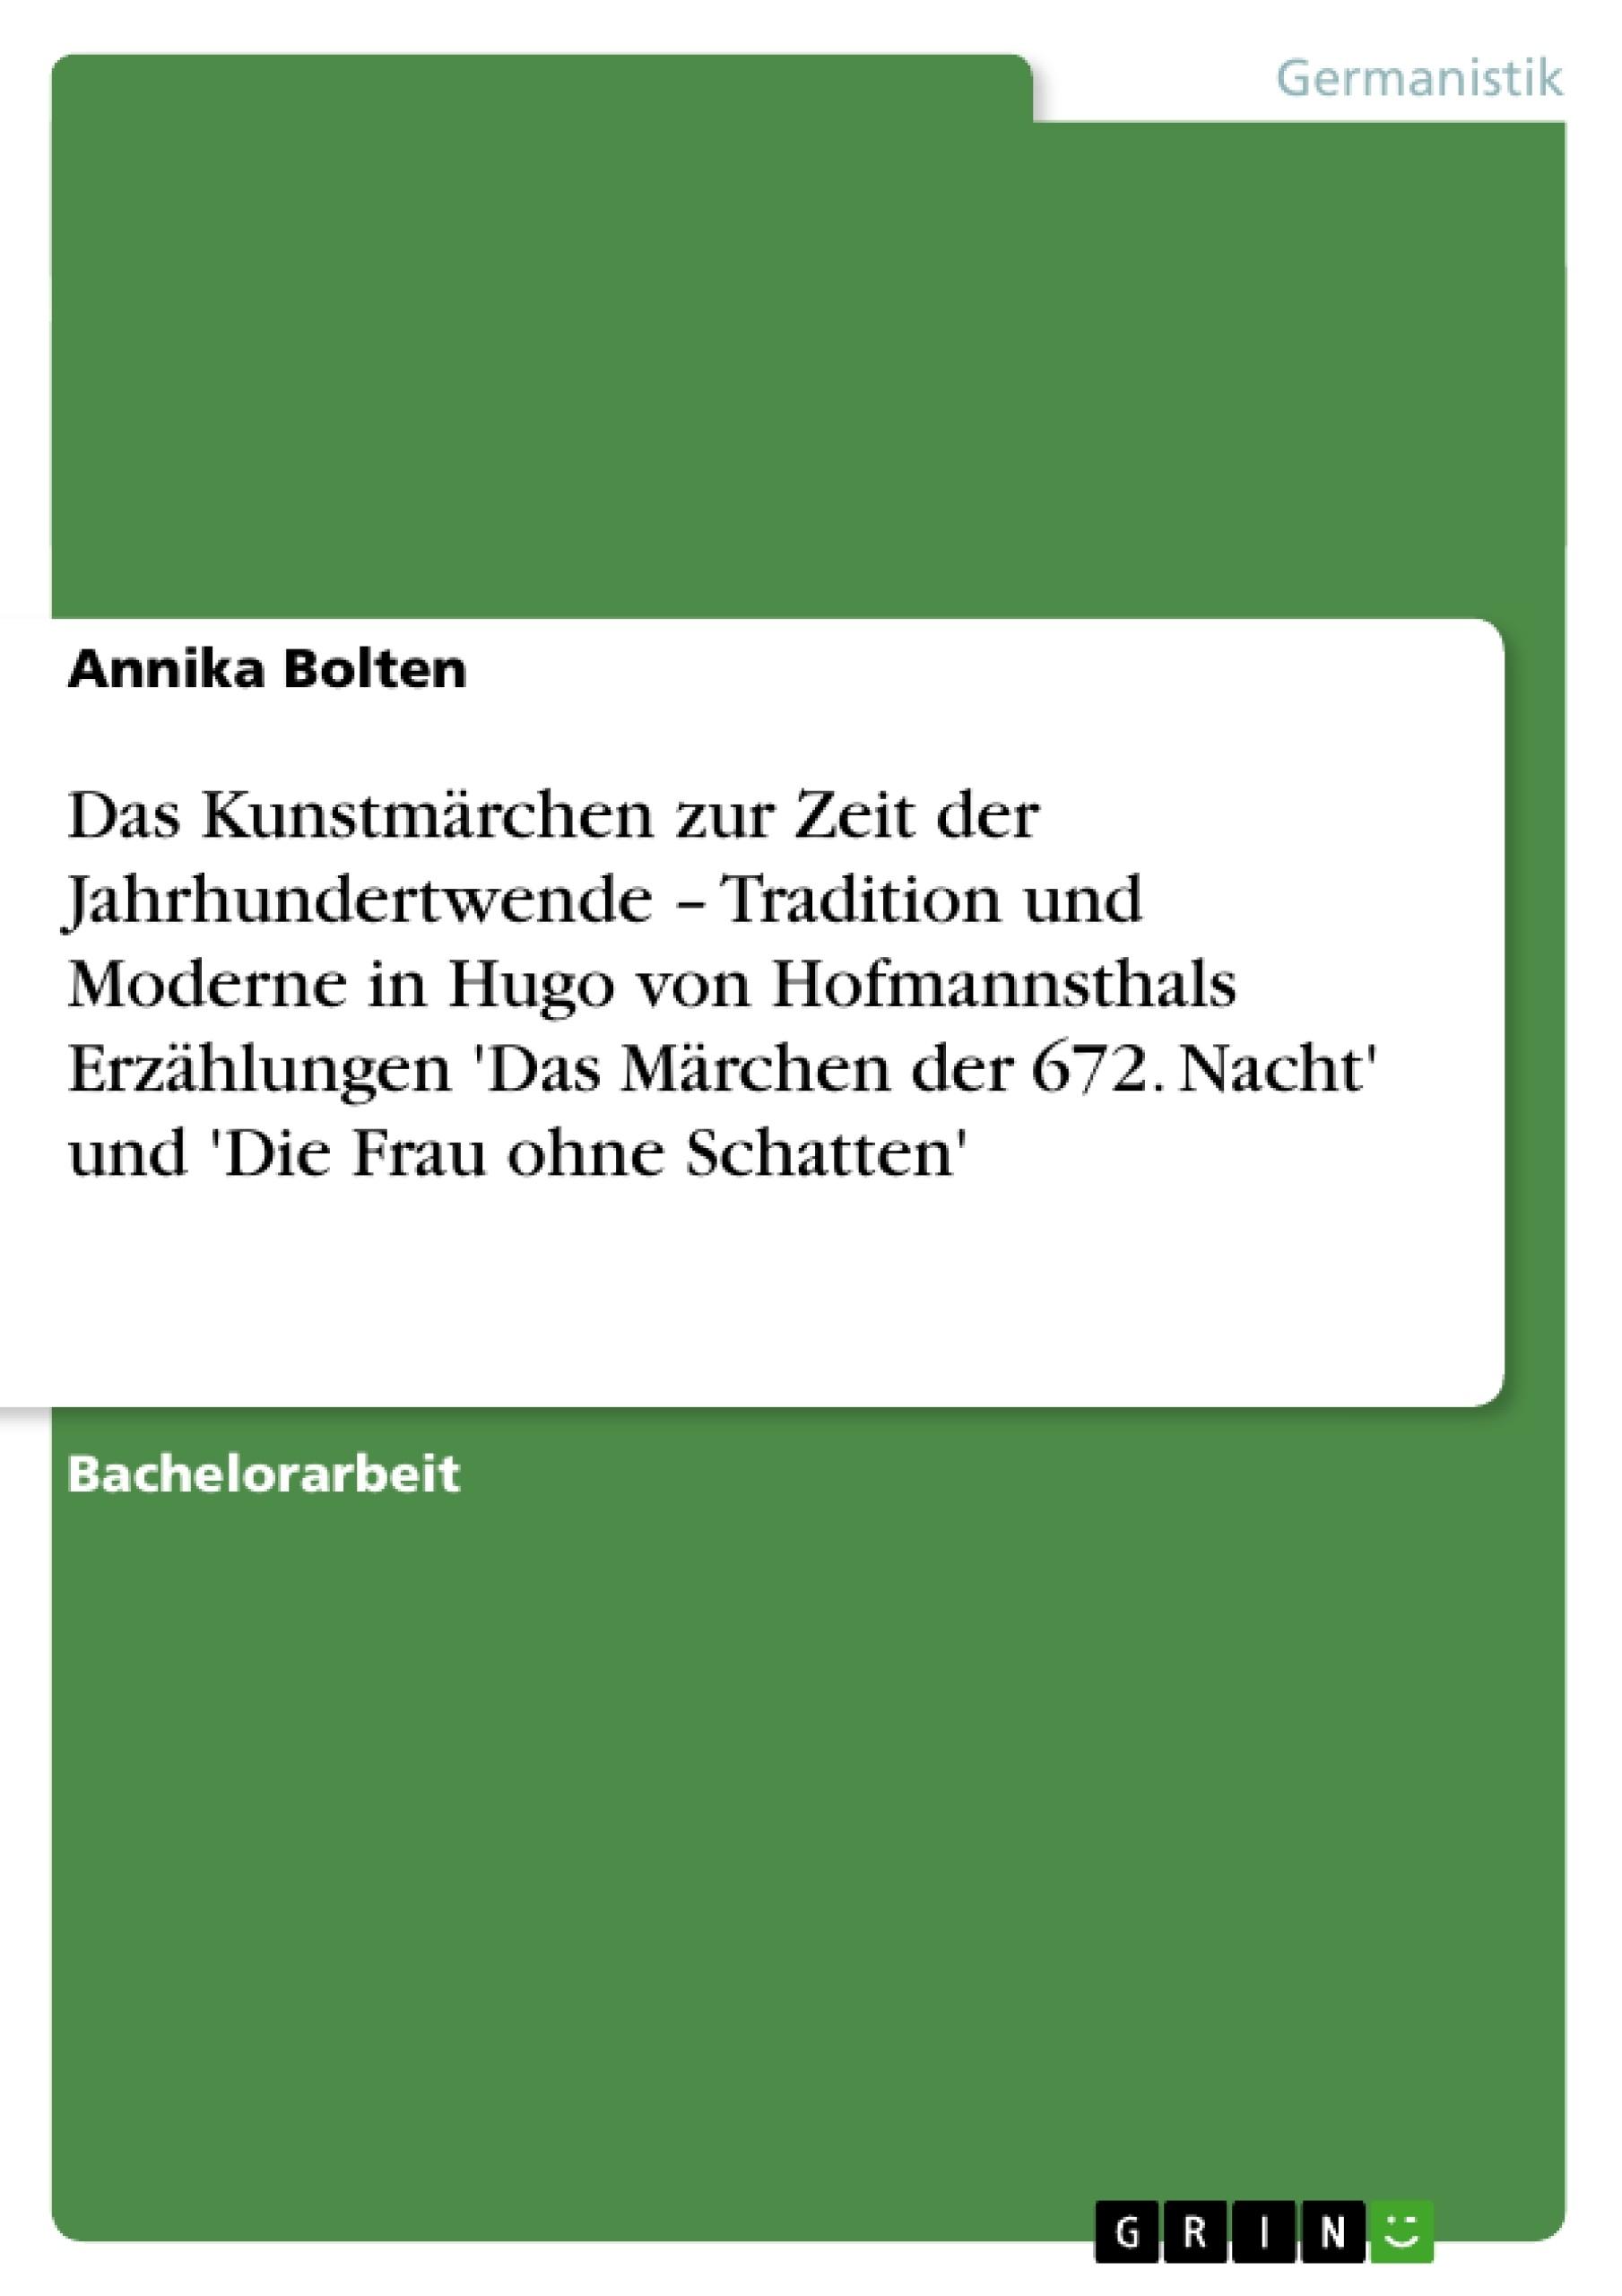 Titel: Das Kunstmärchen zur Zeit der Jahrhundertwende – Tradition und Moderne in Hugo von Hofmannsthals Erzählungen 'Das Märchen der 672. Nacht' und 'Die Frau ohne Schatten'